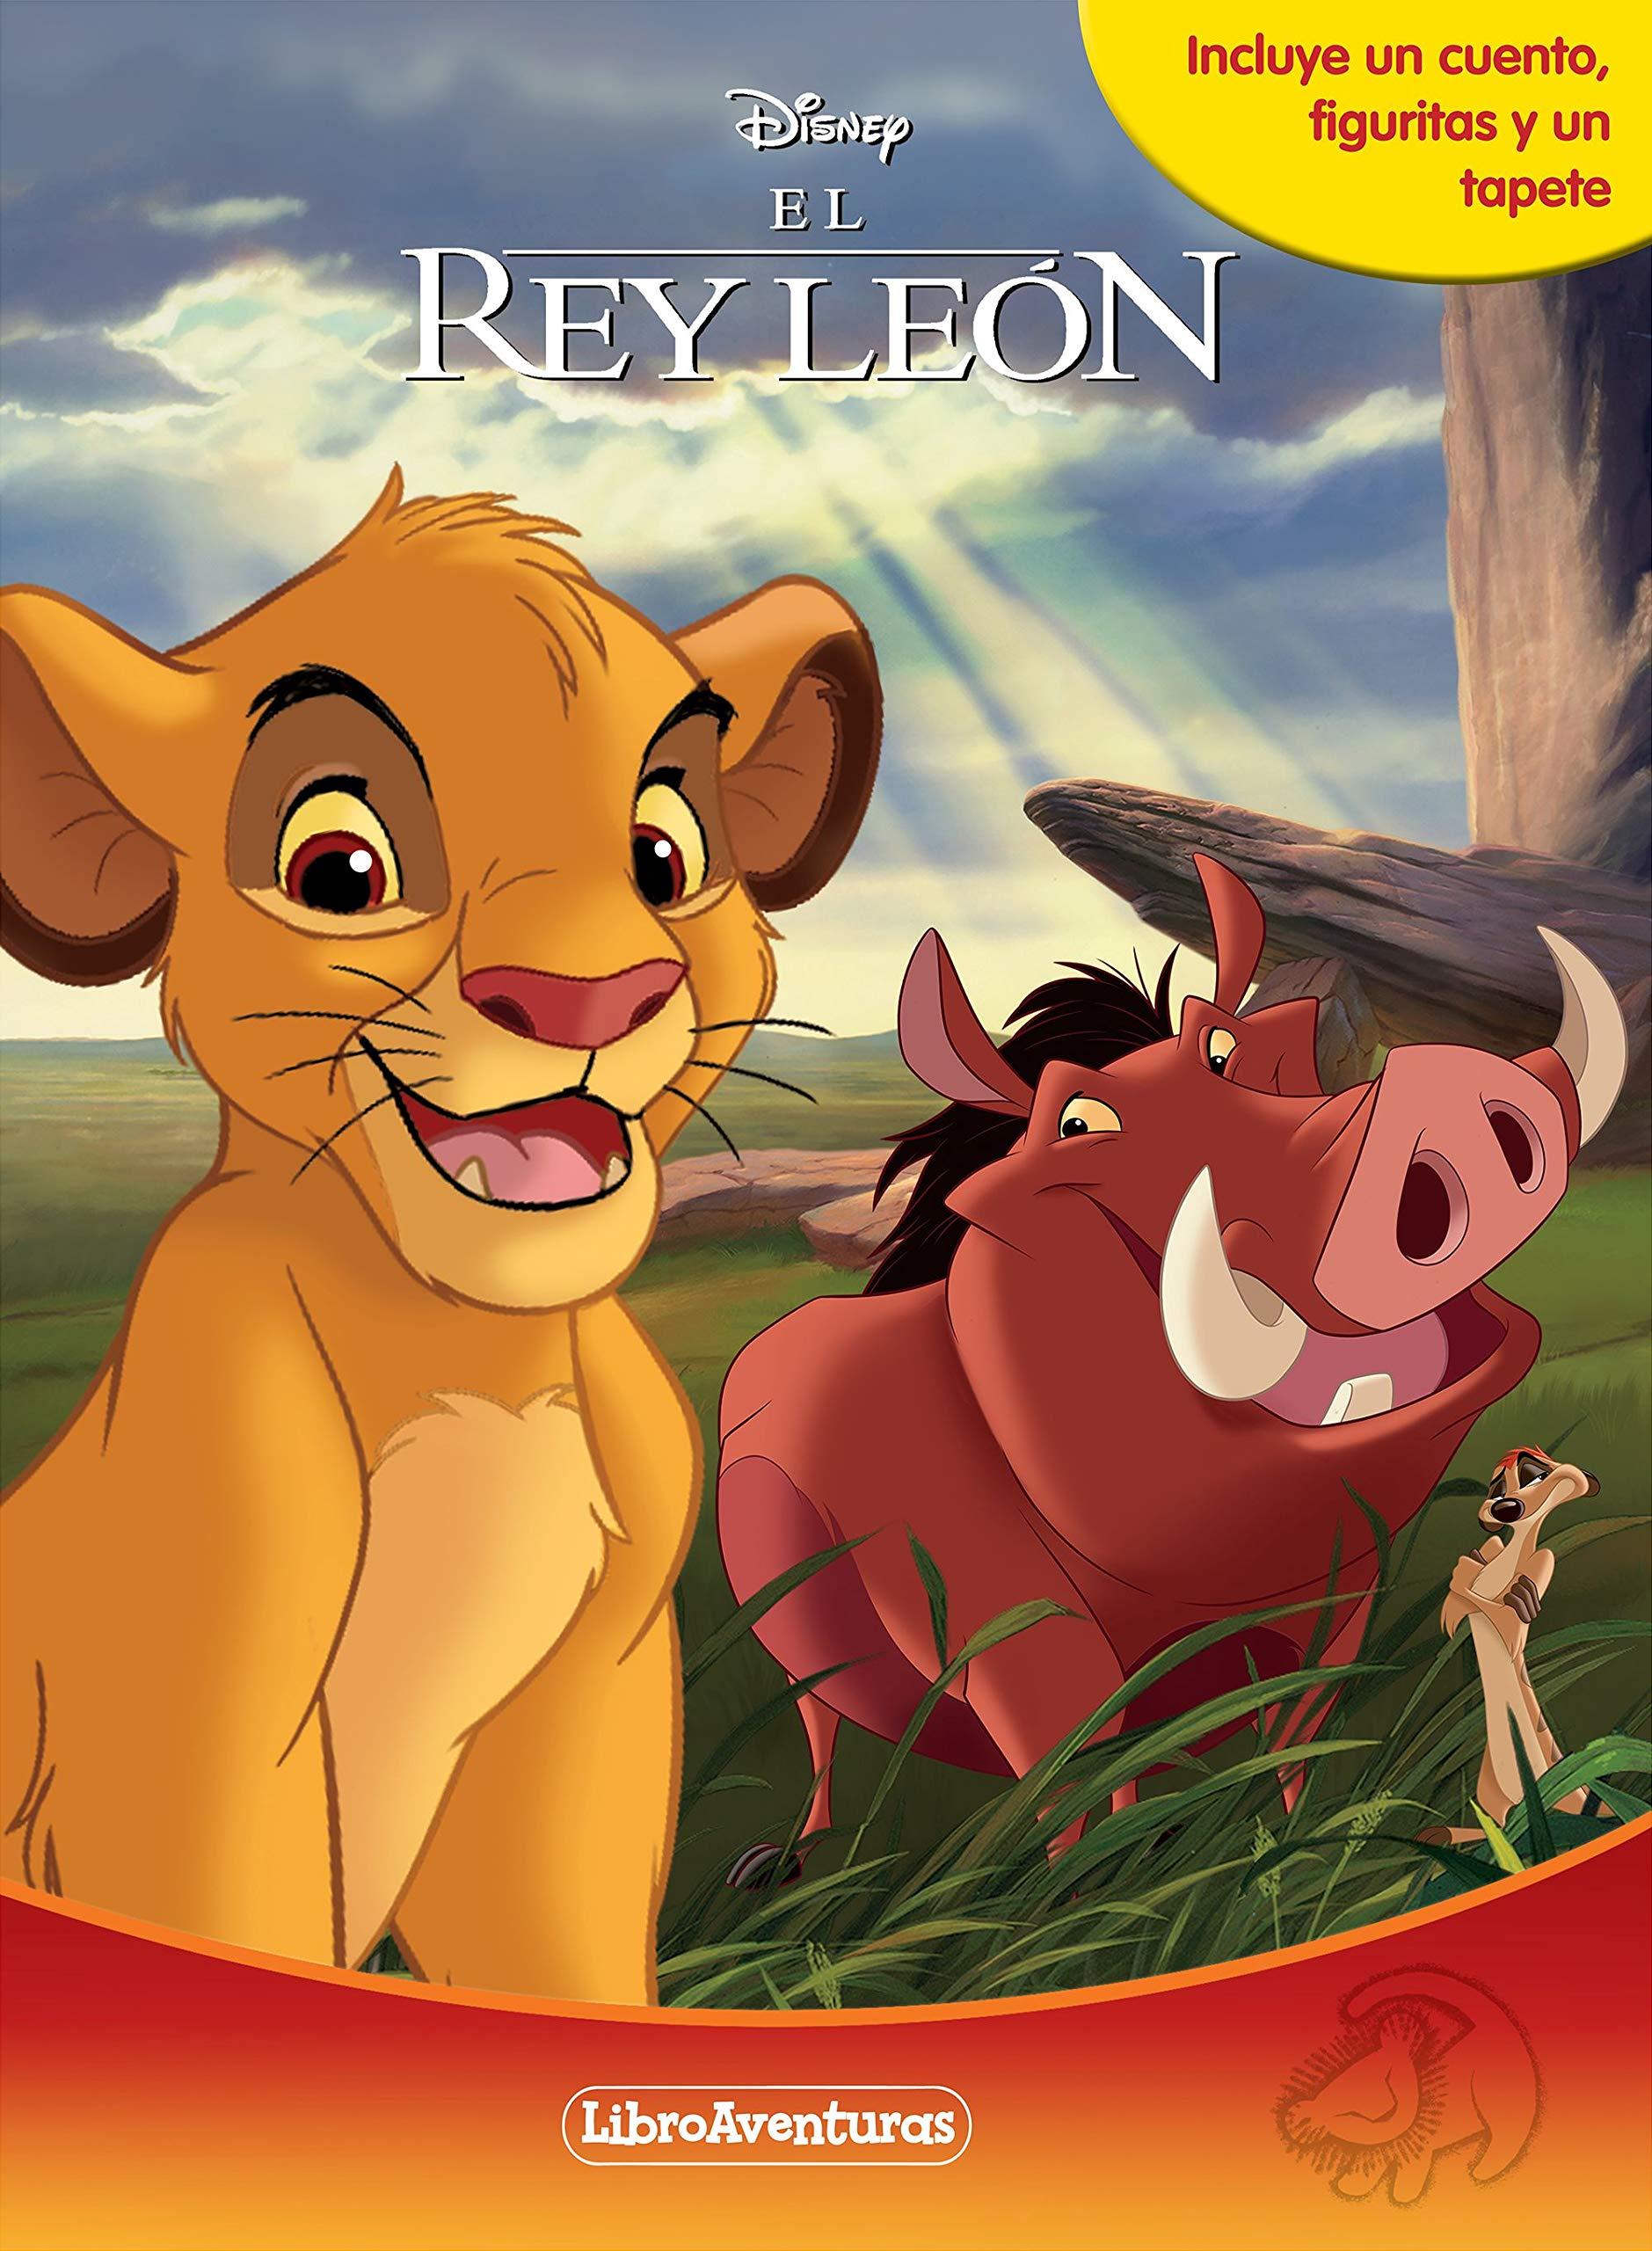 El Rey León. Libroaventuras: Libro-juego. Incluye un tablero y figuras para  jugar: Amazon.es: Disney, Editorial Planeta S. A.: Libros